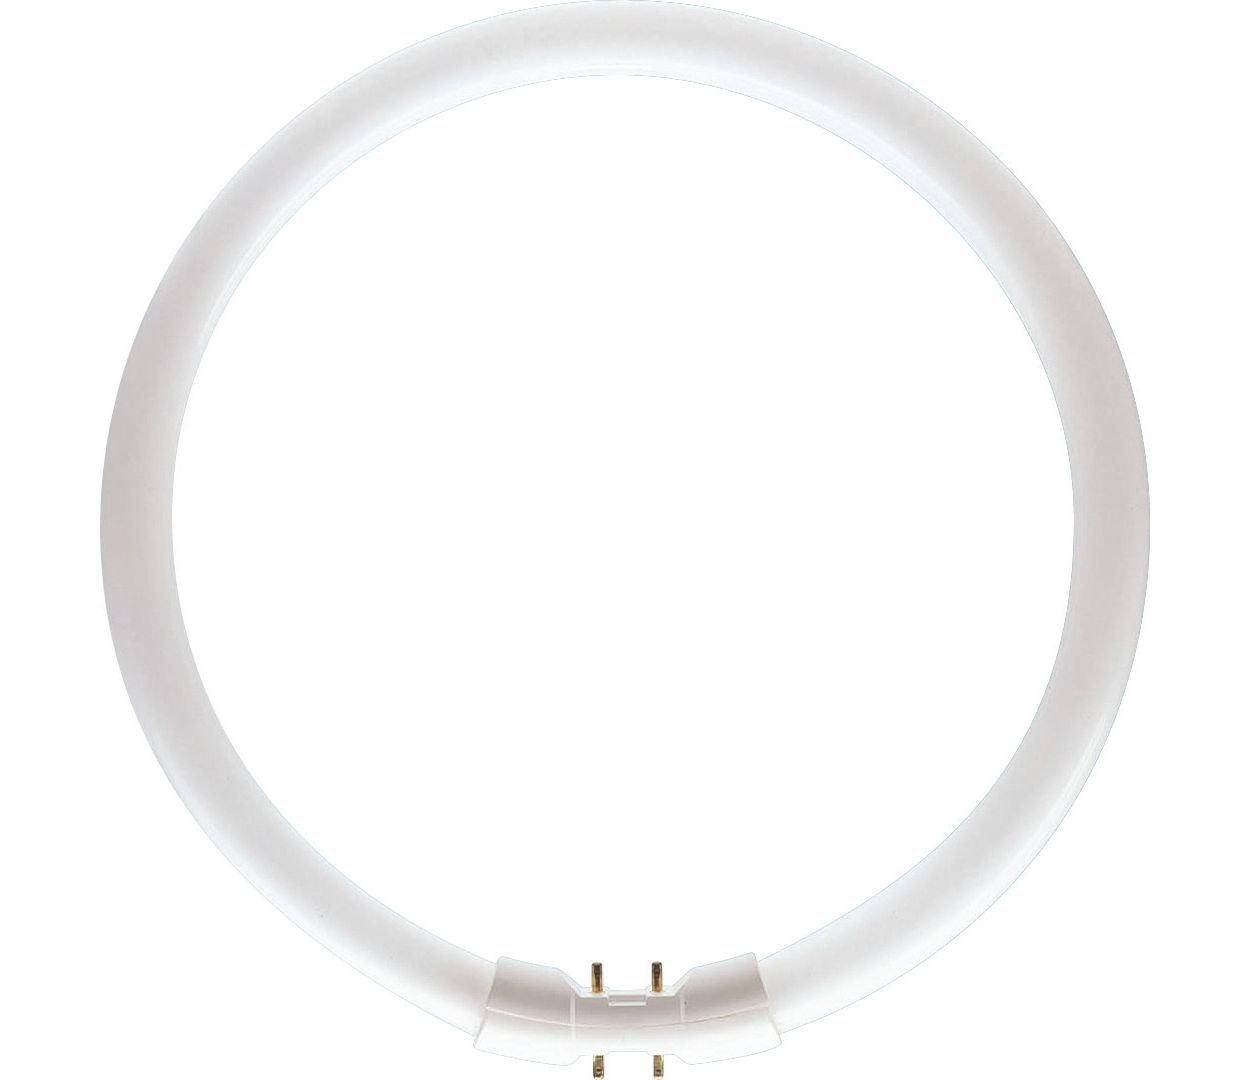 Philips MASTER TL5 CIRCULAR 60W/830 1CT/10 60W 2GX13 A Blanco cá lido - Lá mpara (60 W, Circular, Circular, 2GX13, 5000 lm, Blanco cá lido) Blanco cálido) 64259225